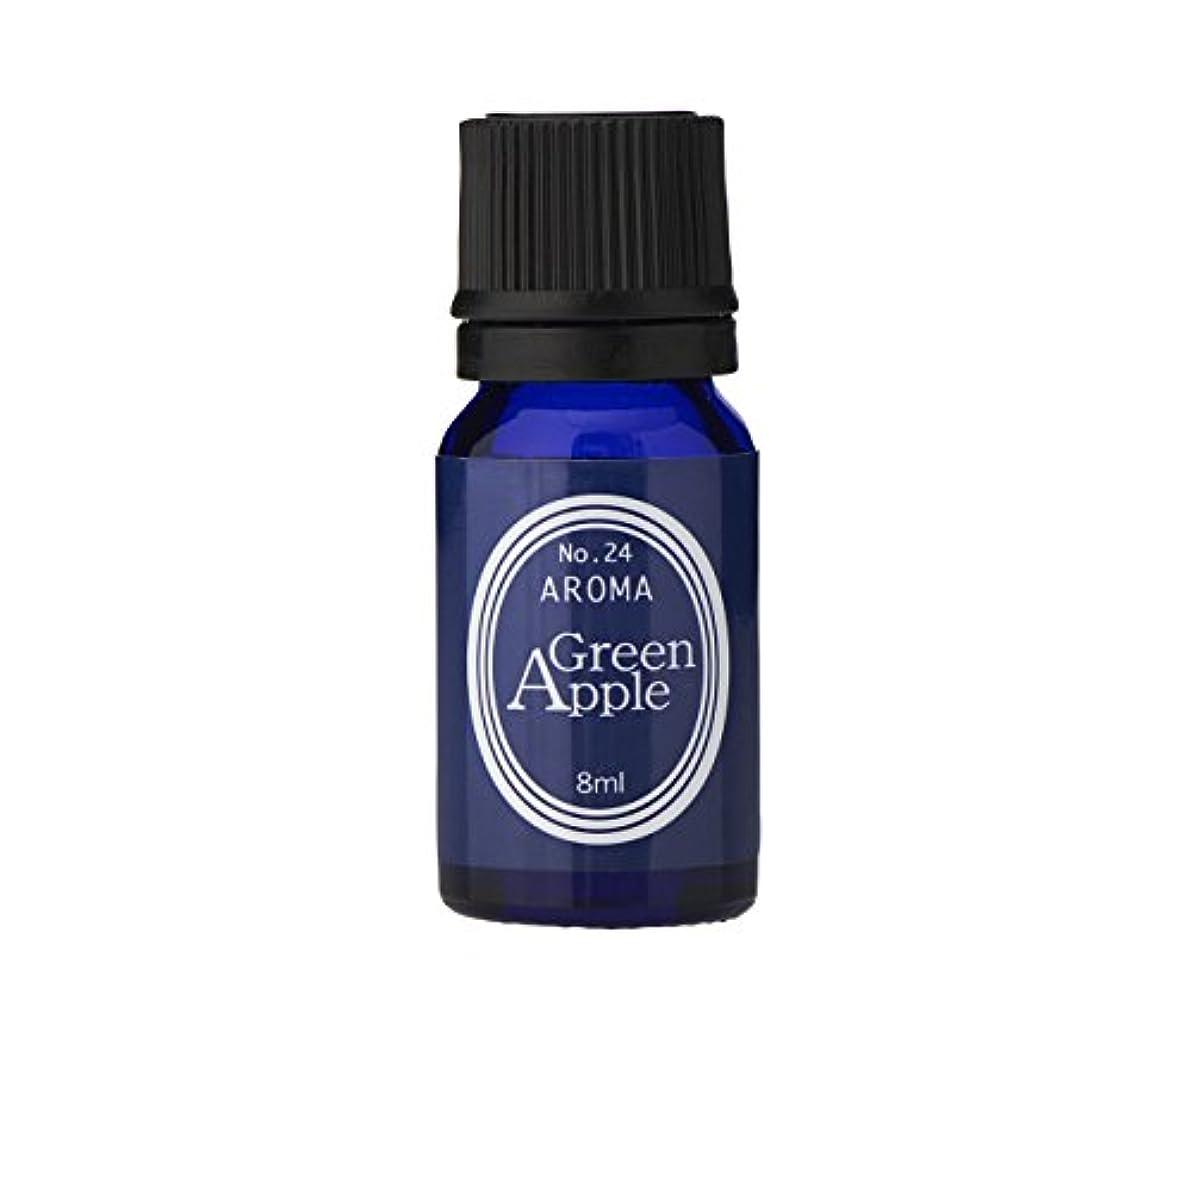 暖かさ狭いカーペットブルーラベル アロマエッセンス8ml グリーンアップル(アロマオイル 調合香料 芳香用)